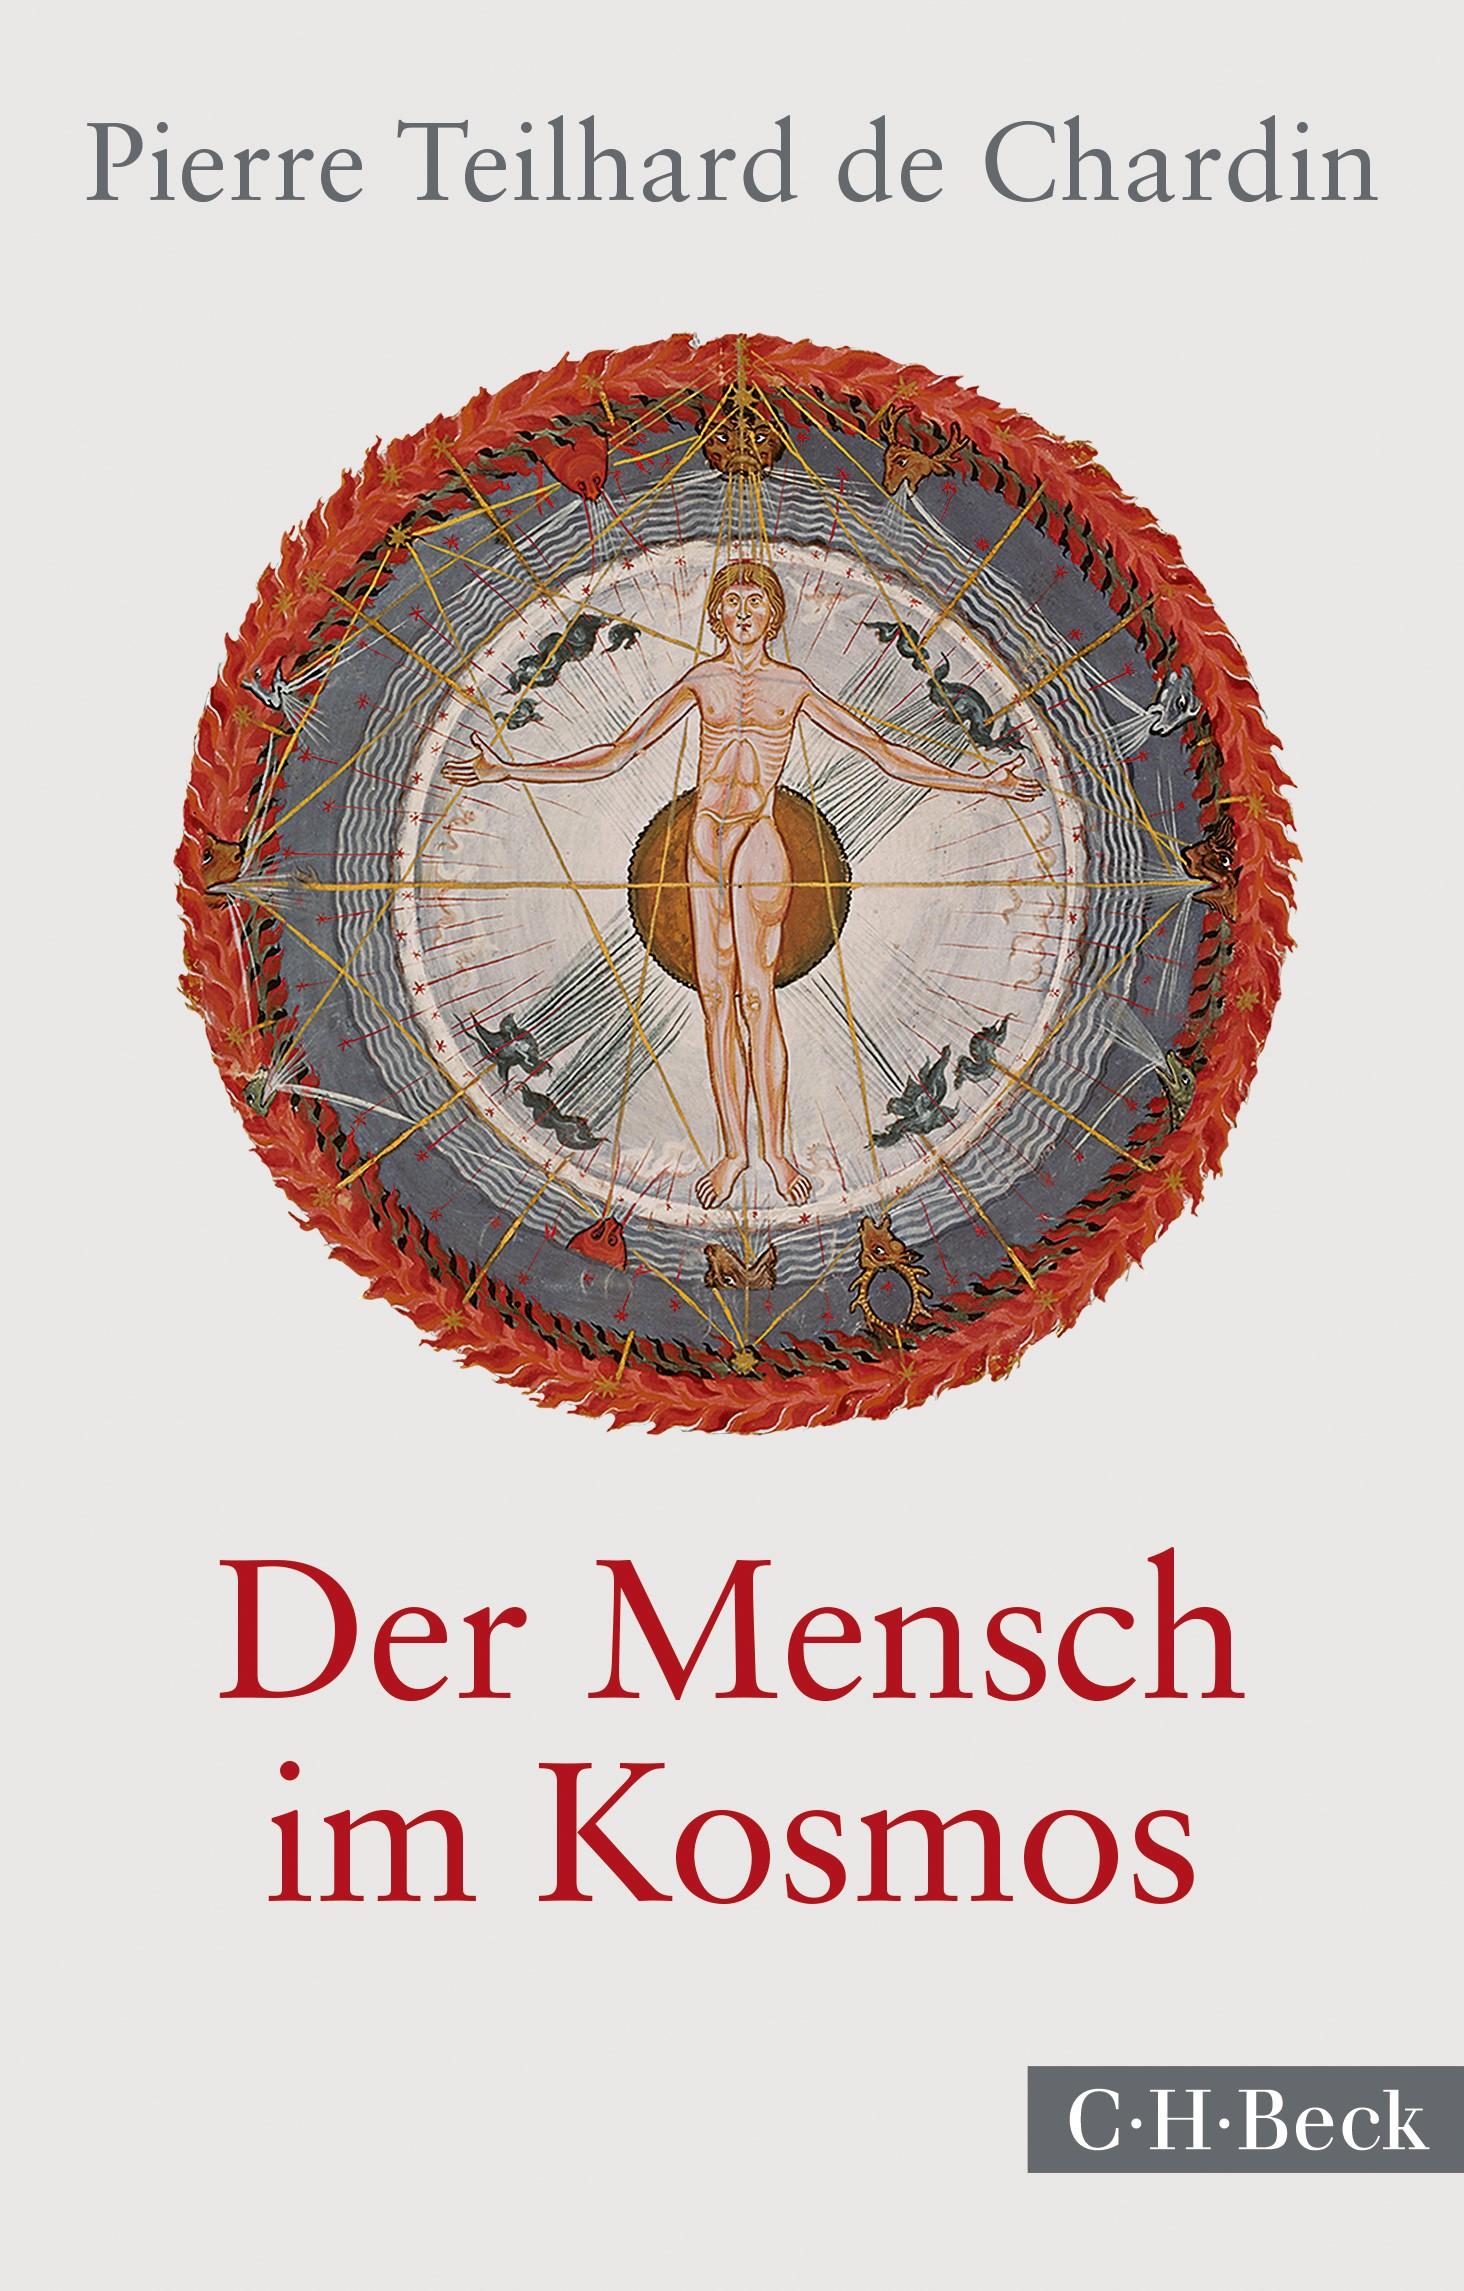 Abbildung von Teilhard de Chardin, Pierre   Der Mensch im Kosmos   5. Auflage   2018